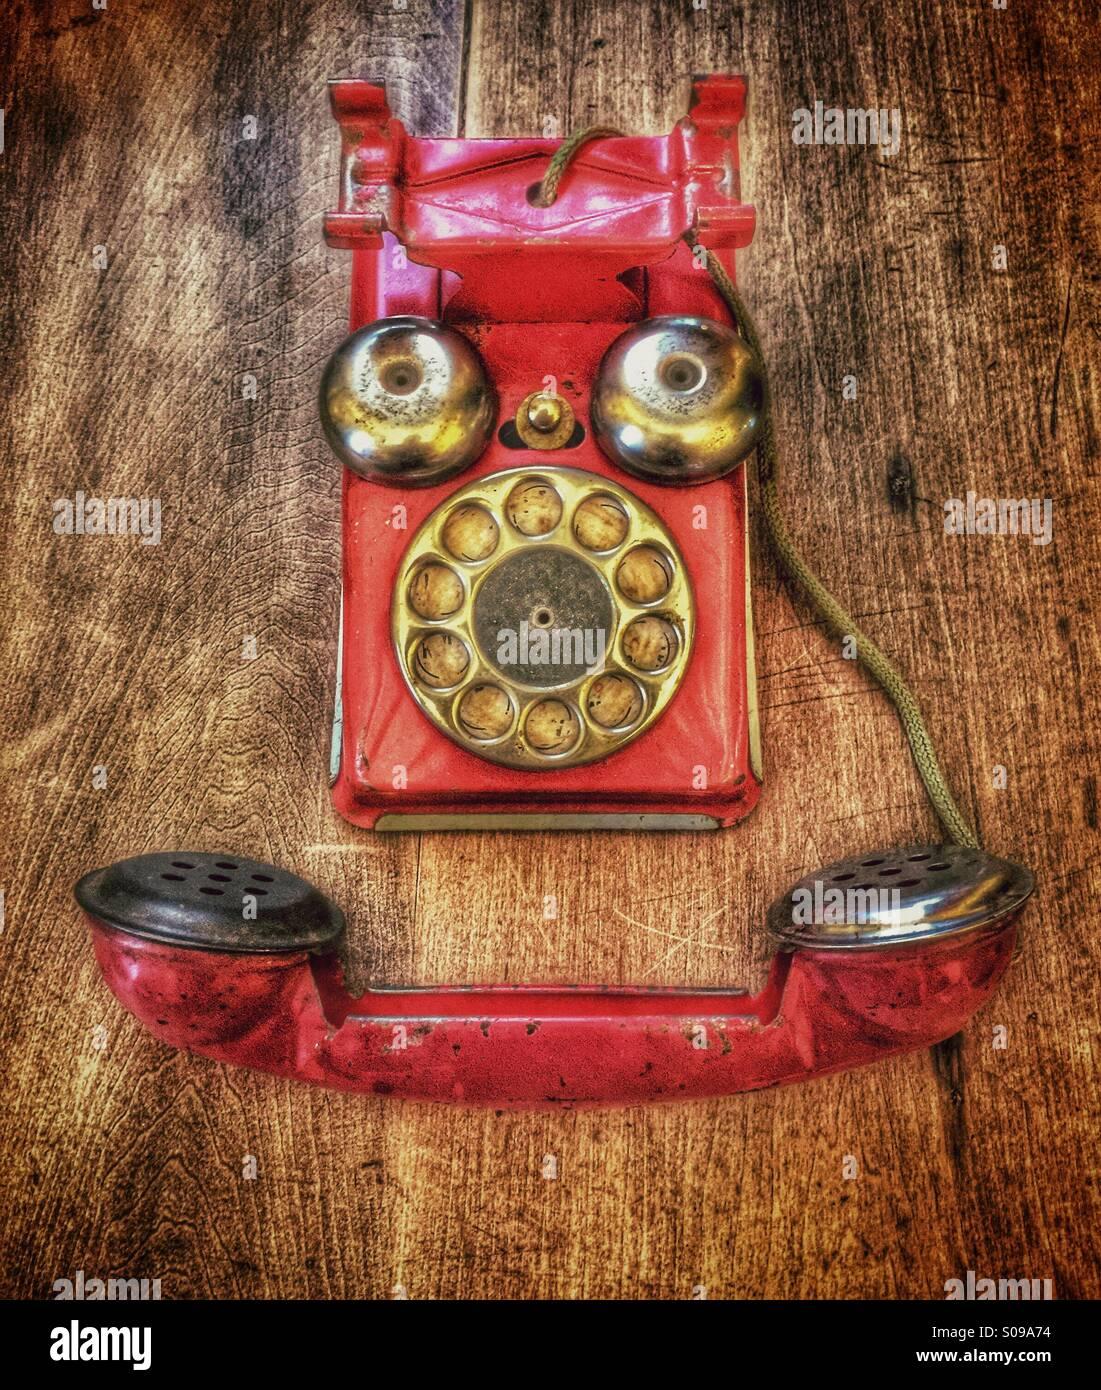 Vintage toy rouge téléphone configuré pour ressembler à un visage souriant. Photo Stock